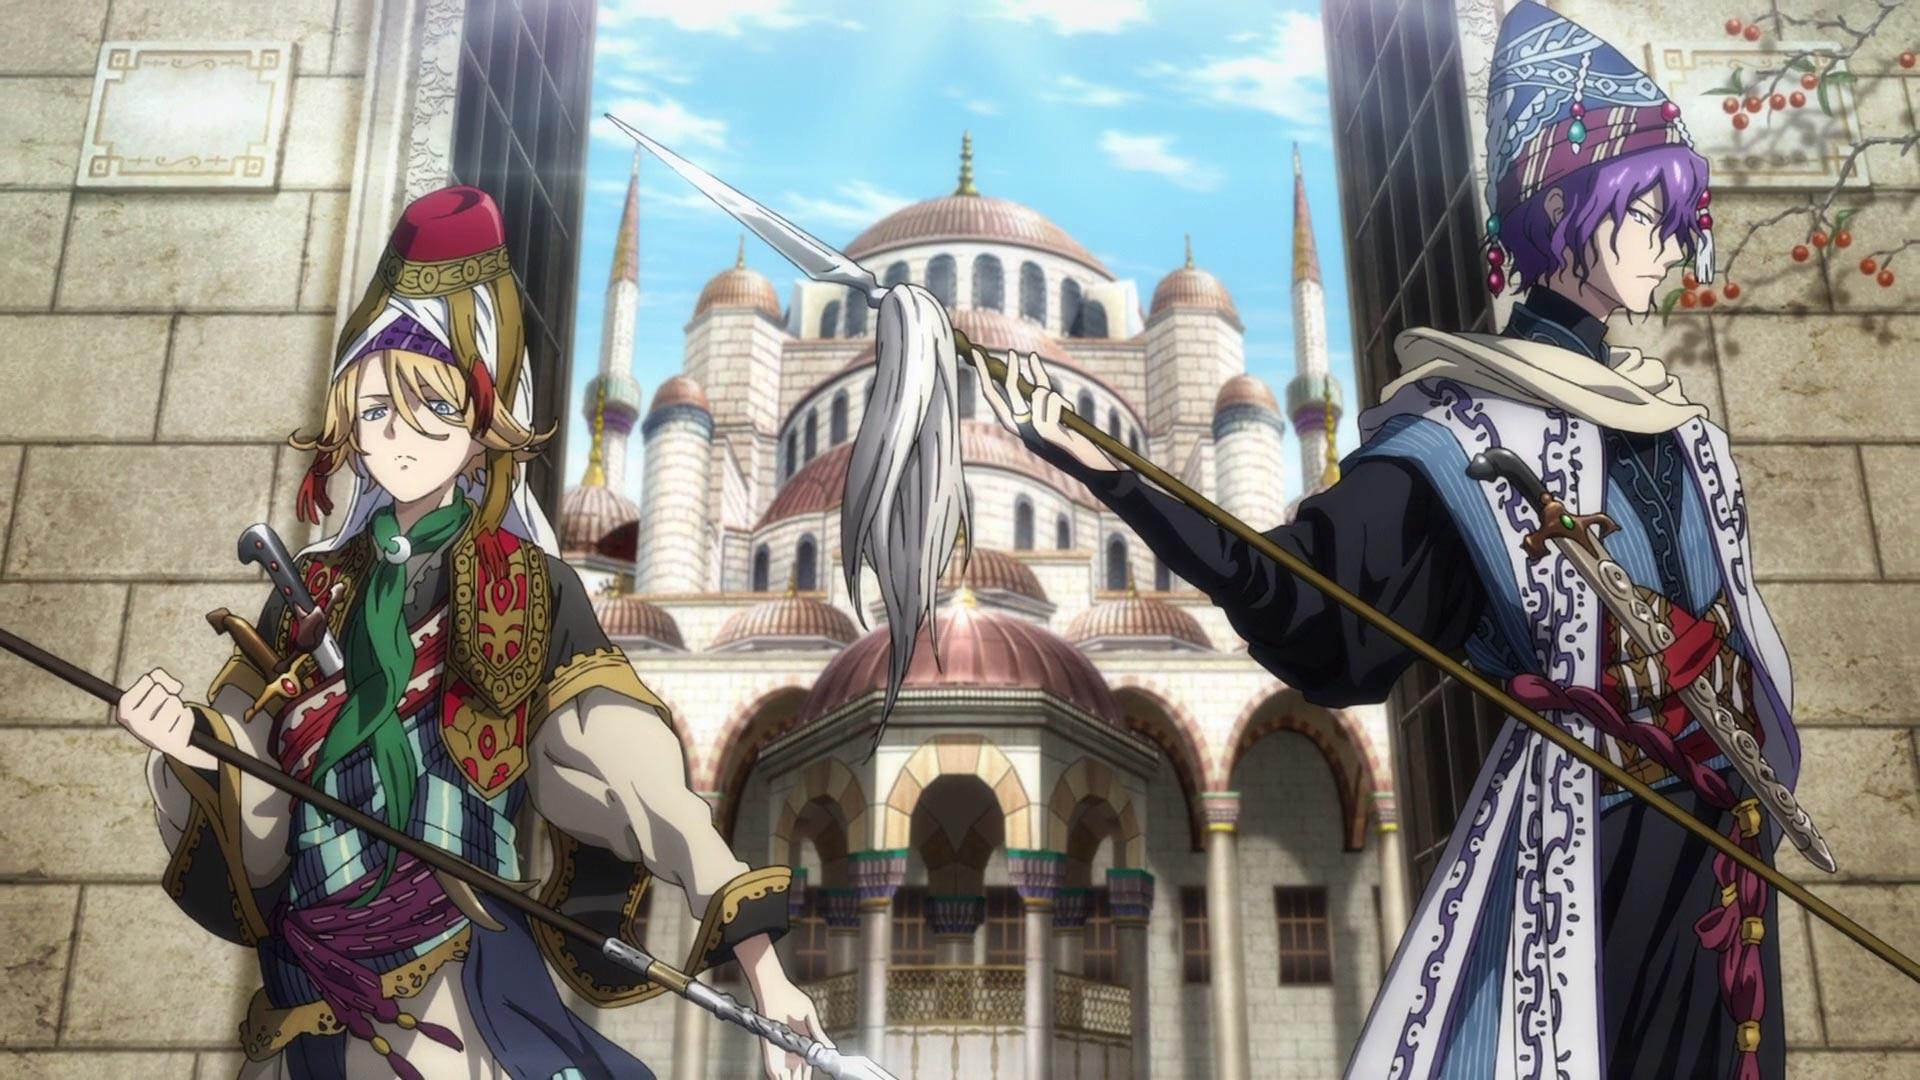 الانمي Shoukoku no Altair الحلقة 5 مترجم